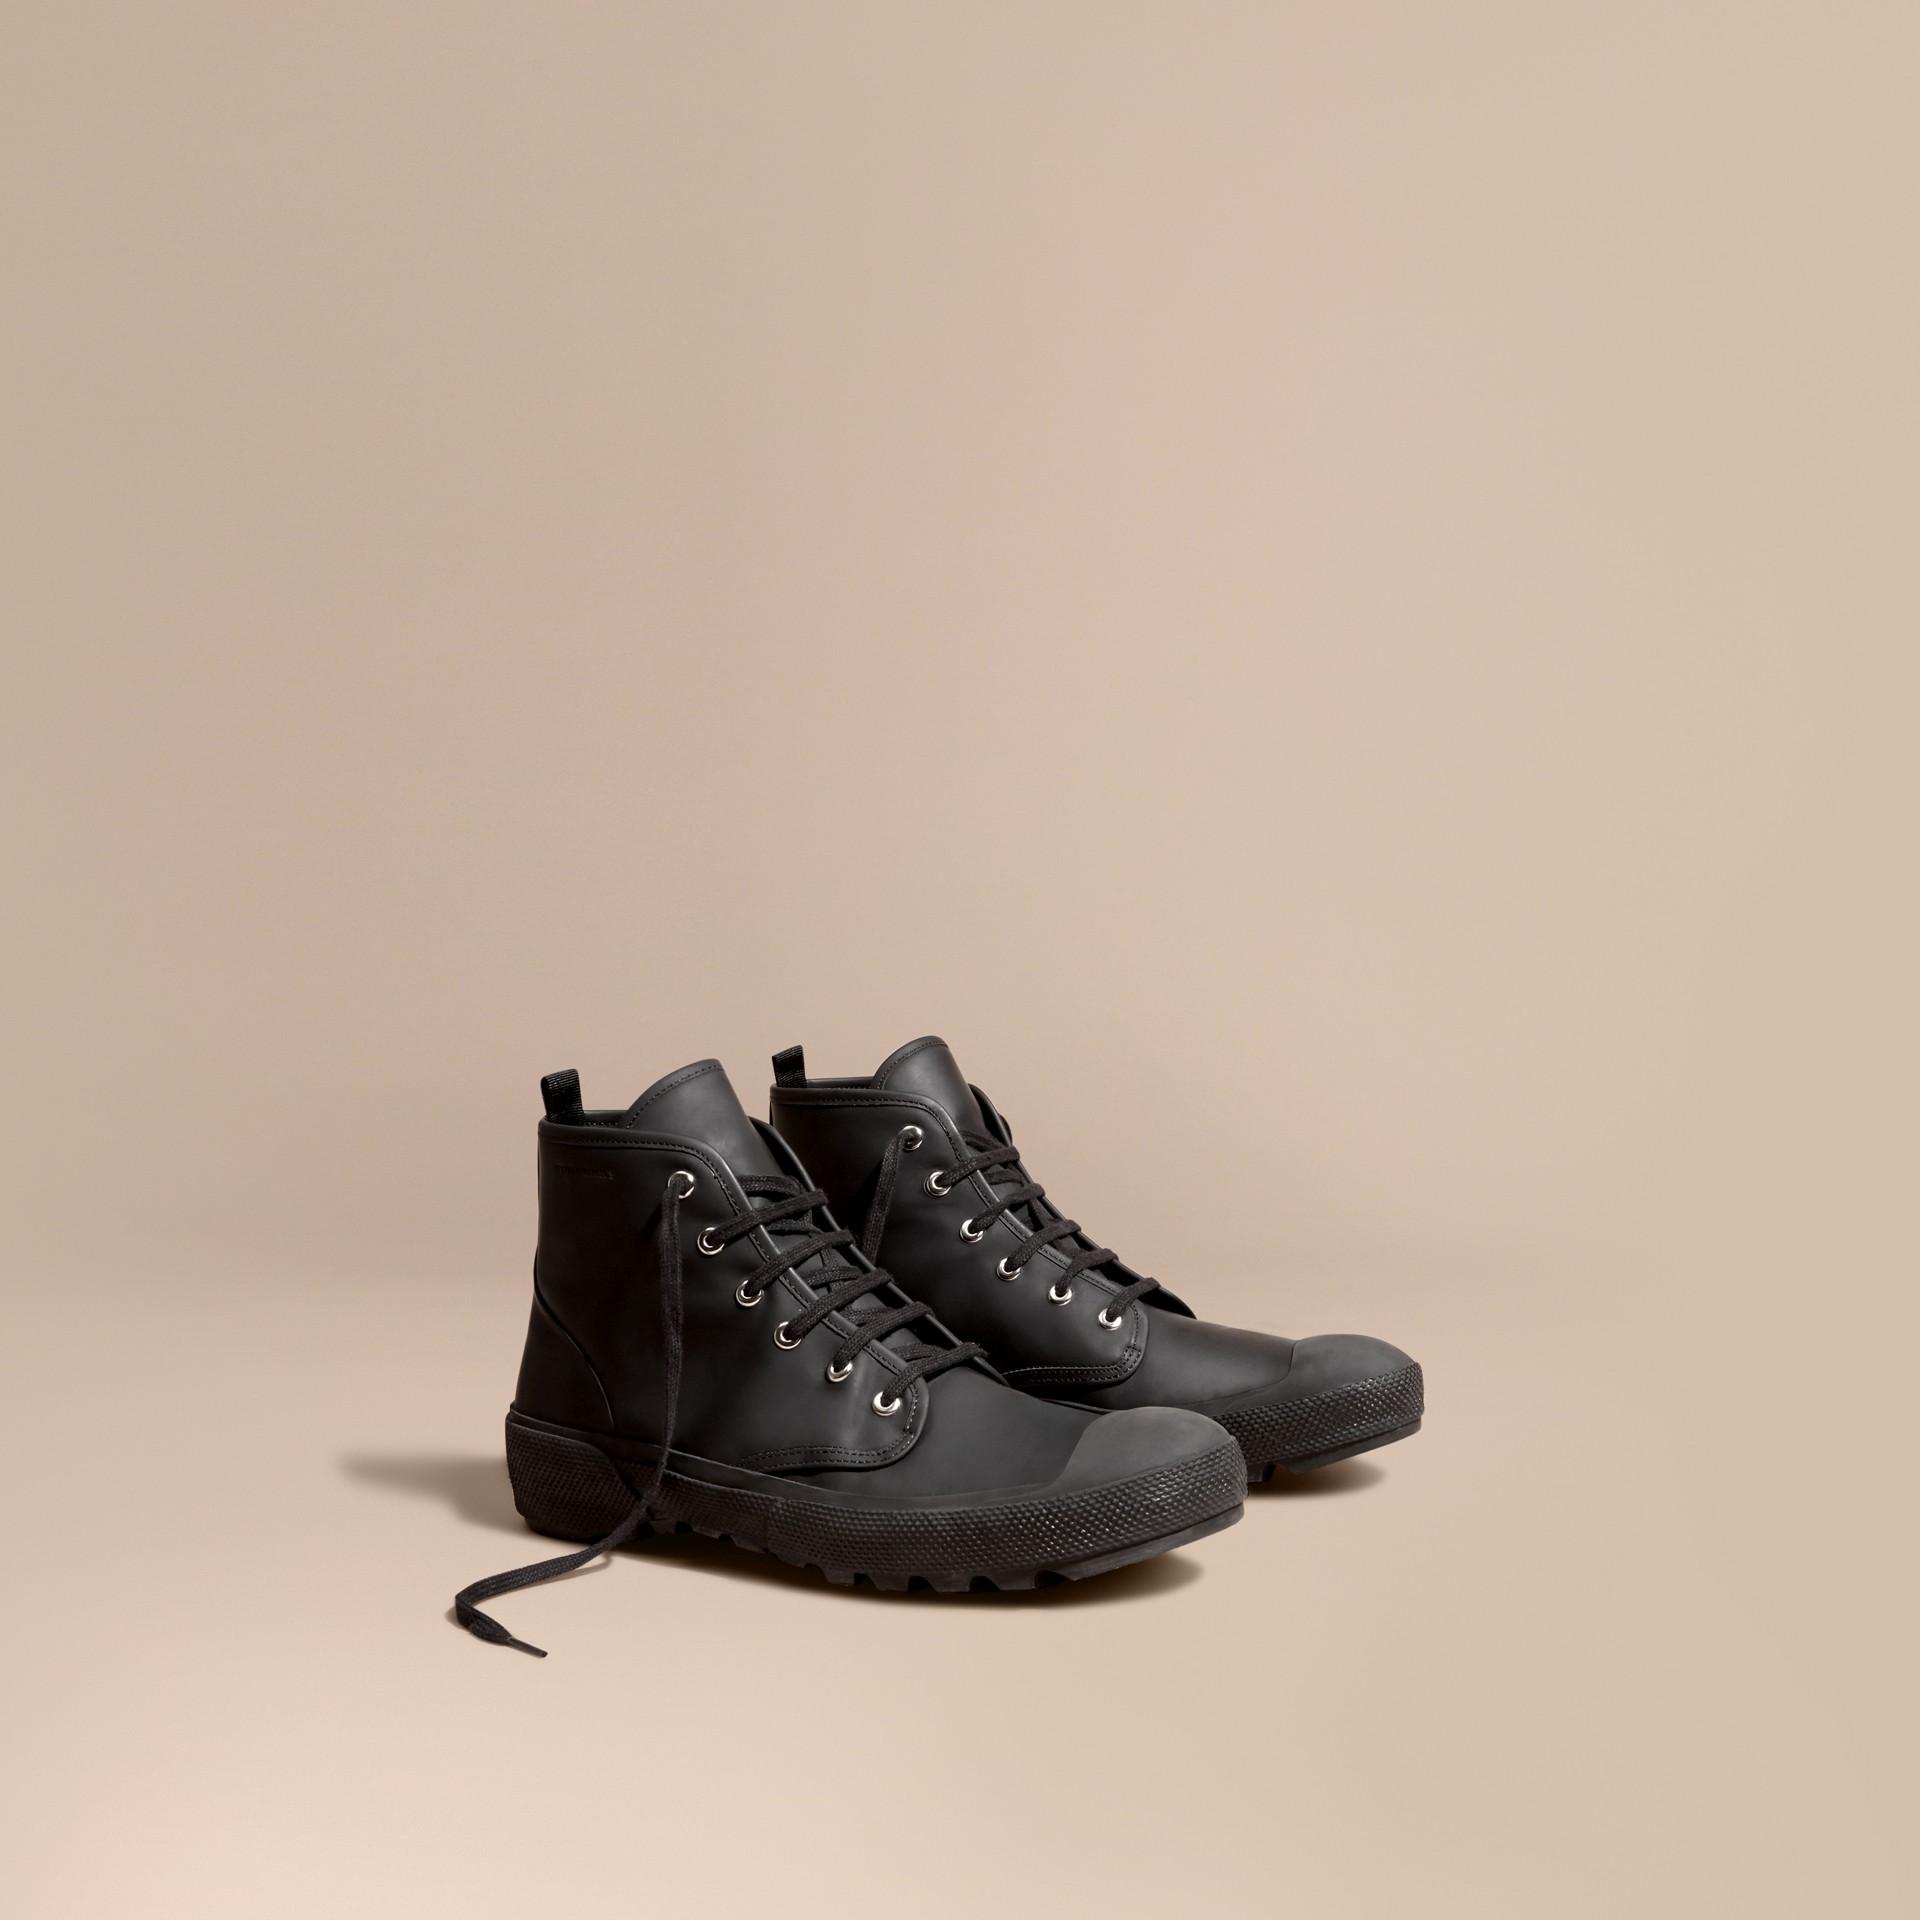 Nero Stivali con lacci in pelle gommata - immagine della galleria 1